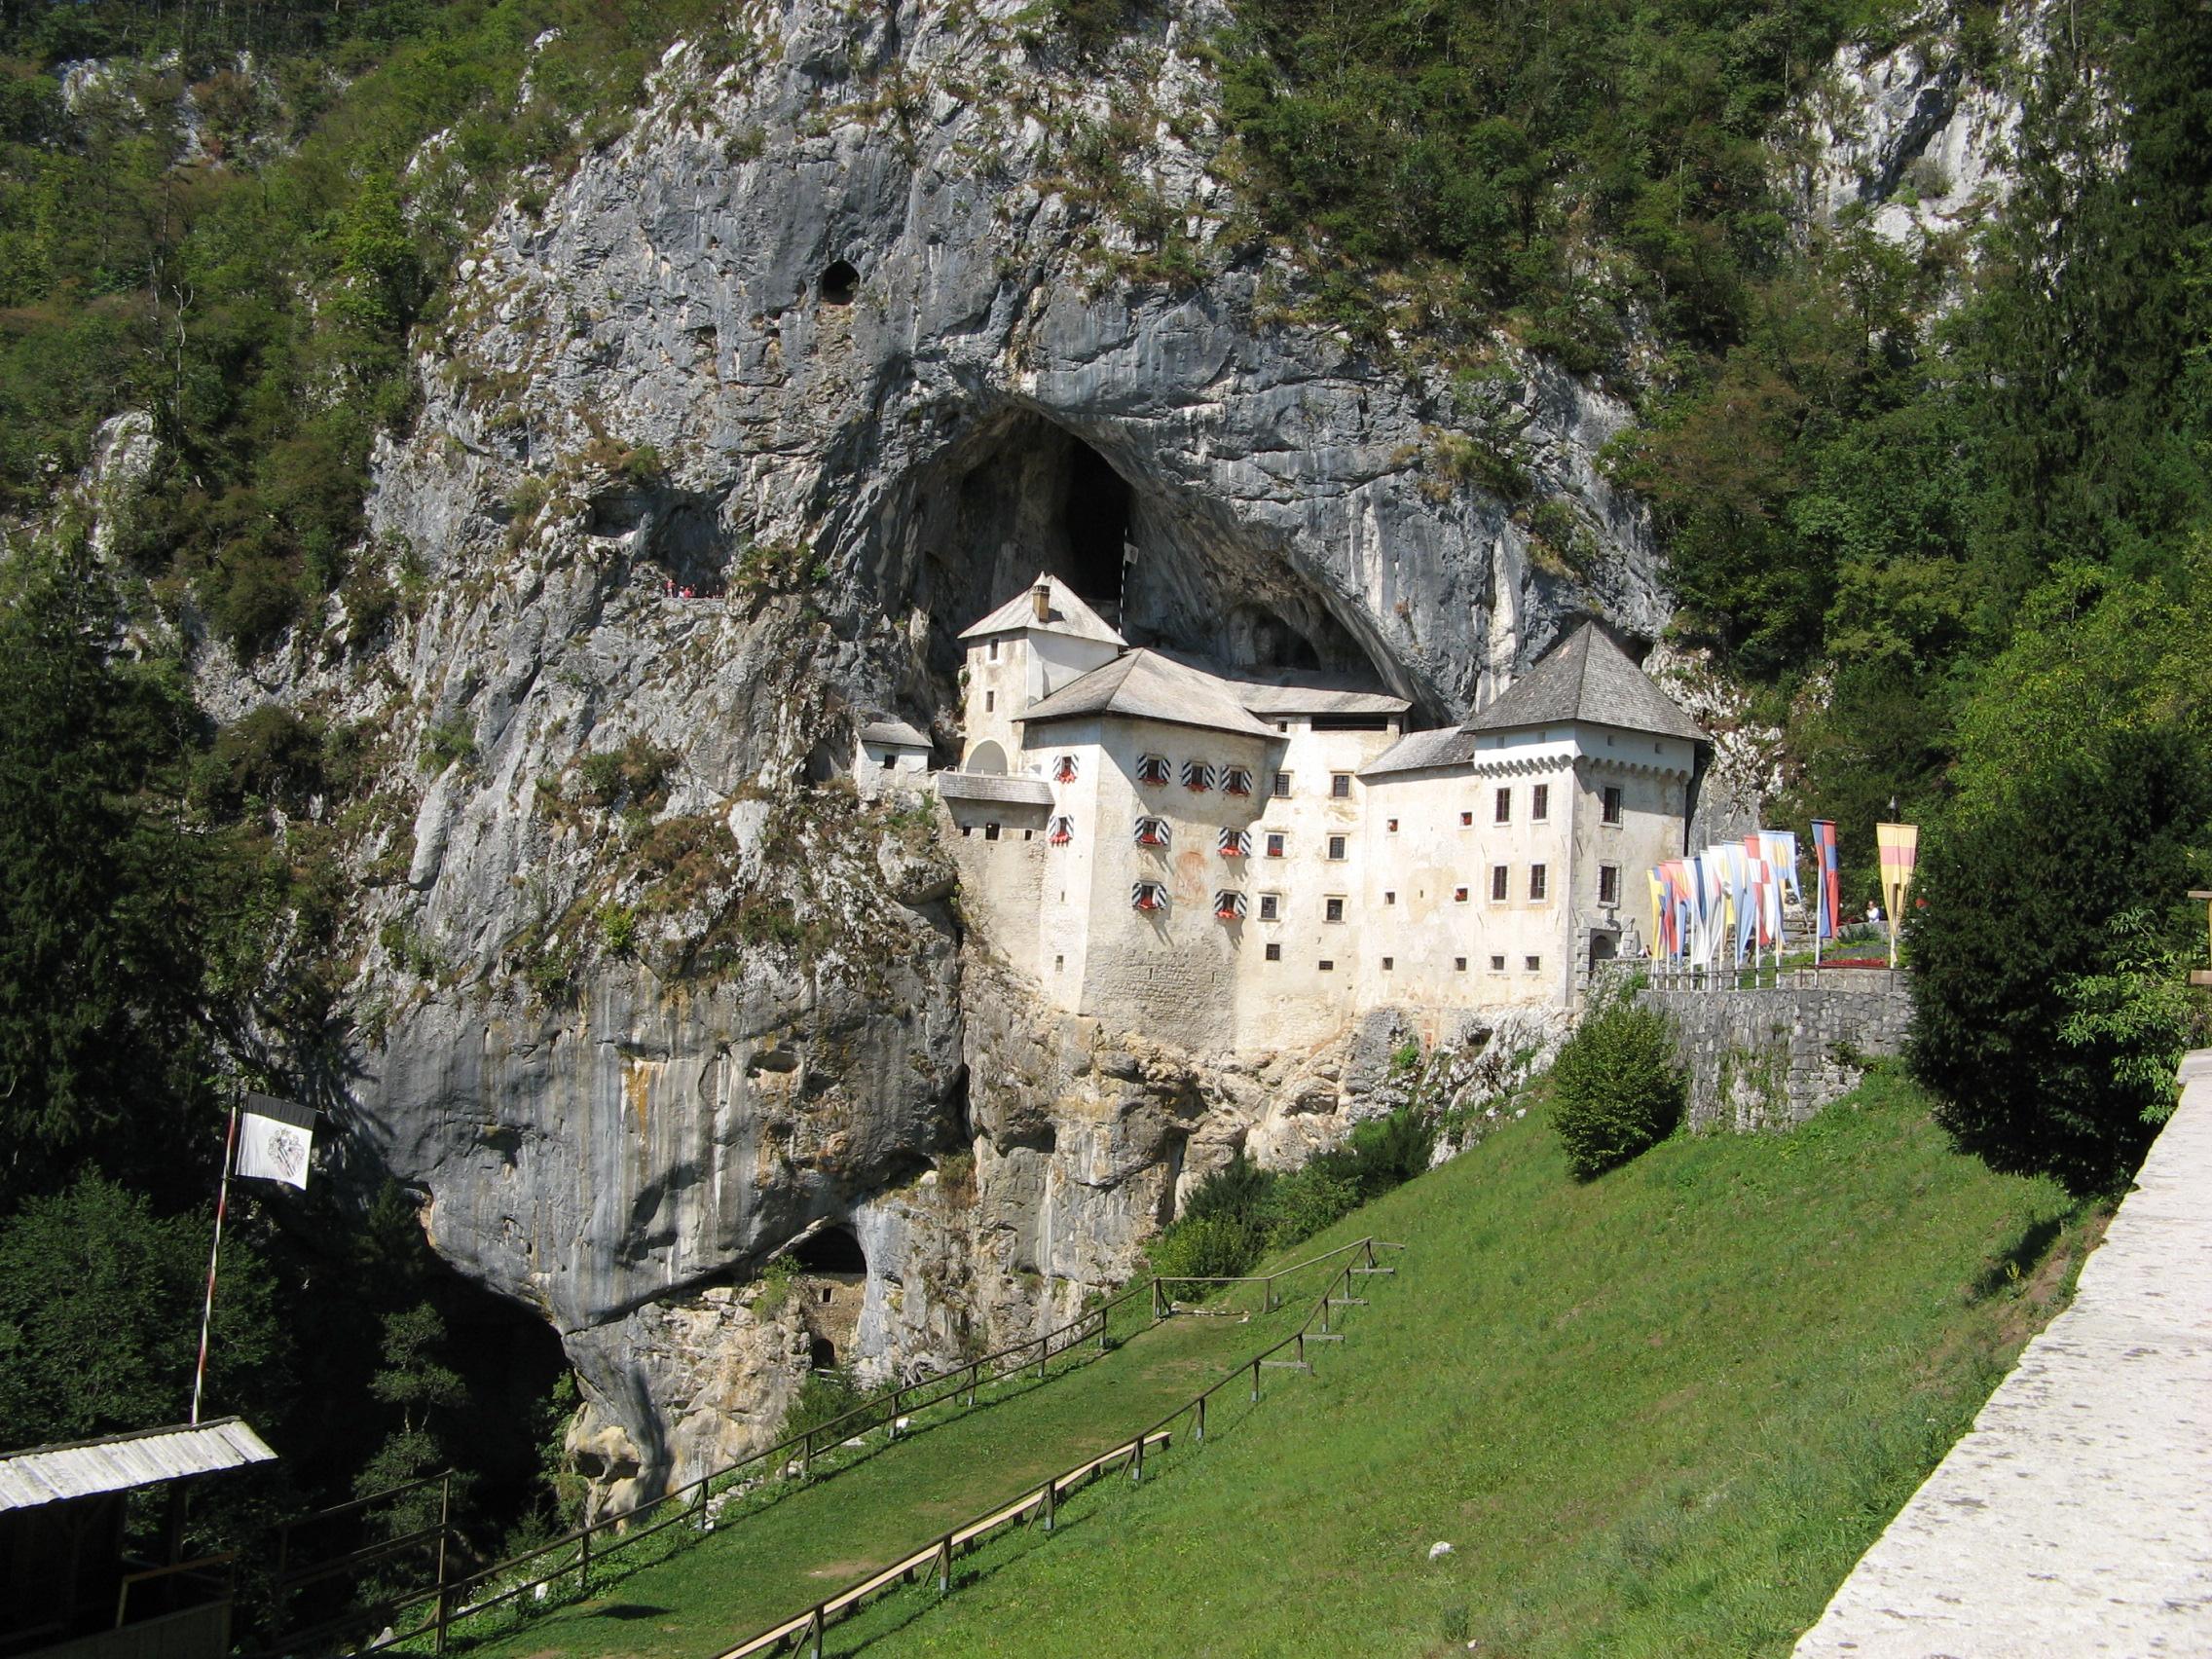 Castelul Predjamski – Slovenia